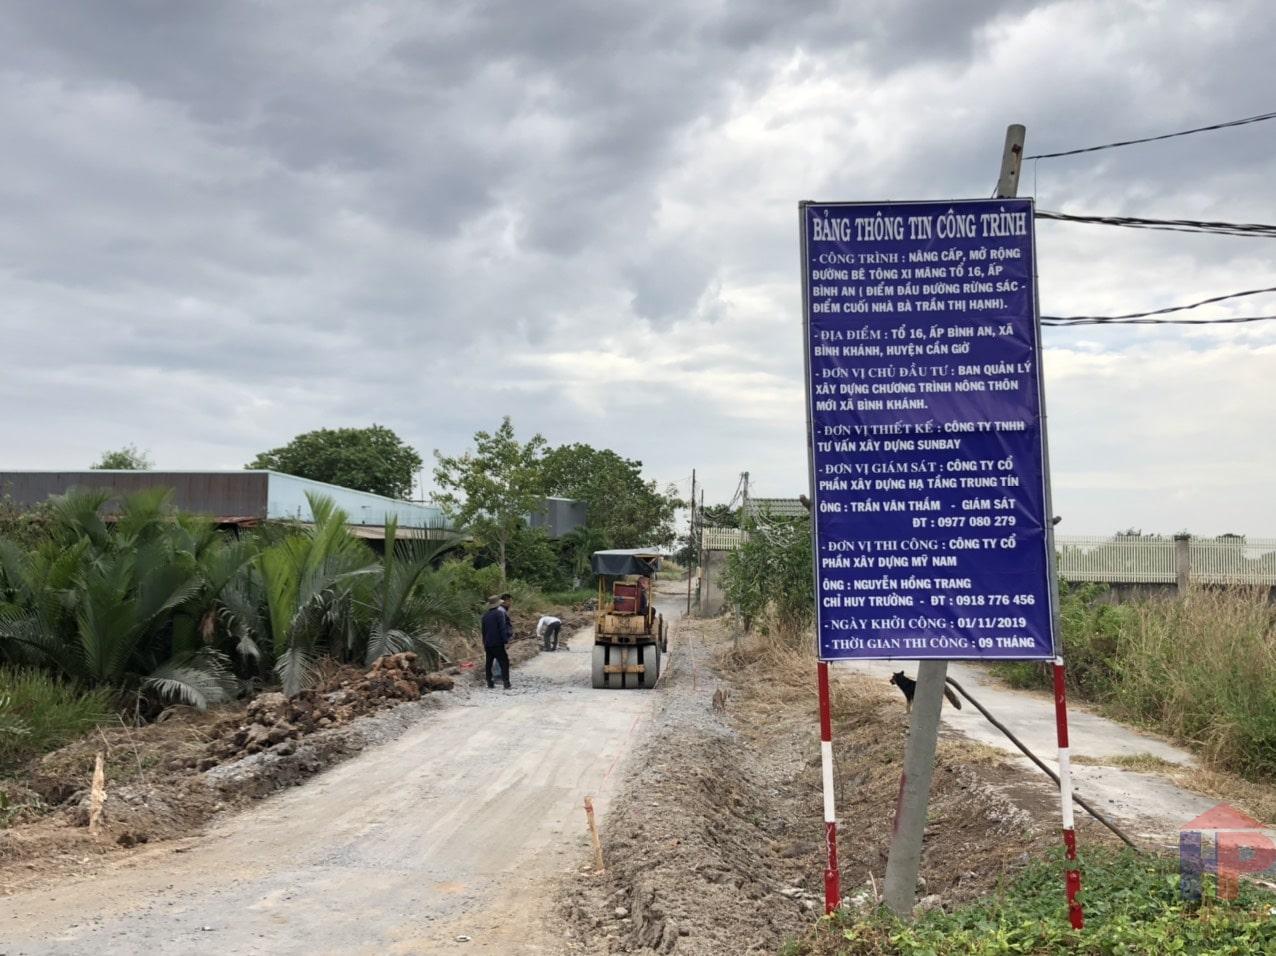 Bán đất tại xã Bình Khánh huyện Cần Giờ, DT 5200m2, giá 2.1Tr/m2